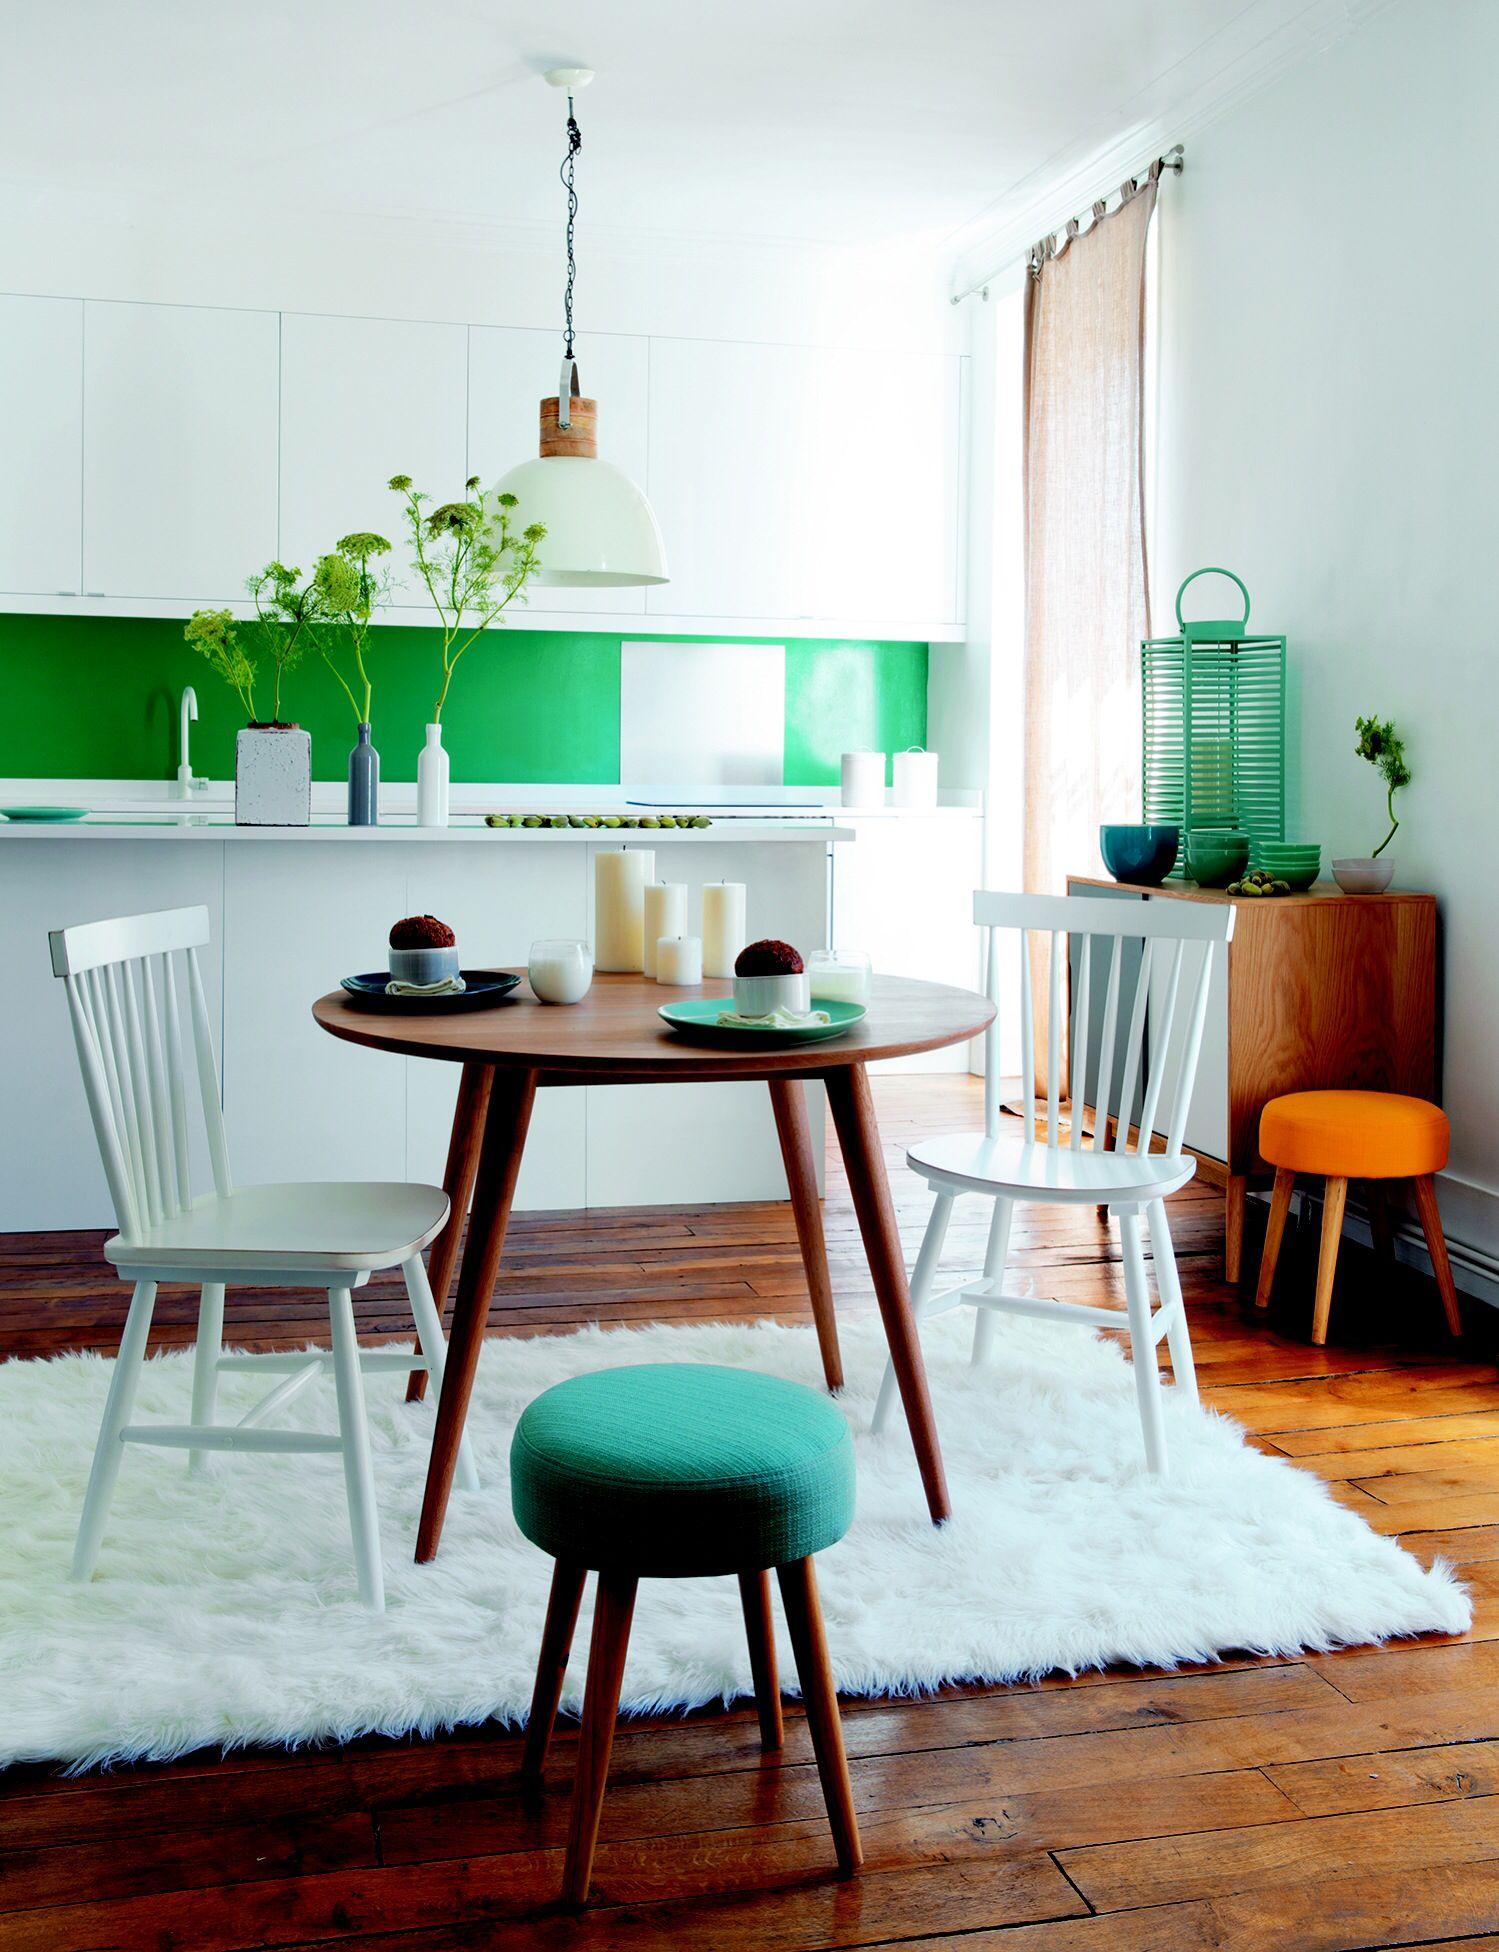 Küche, Teppich Fell, grün, Stühle weiß, Holztisch rund ...